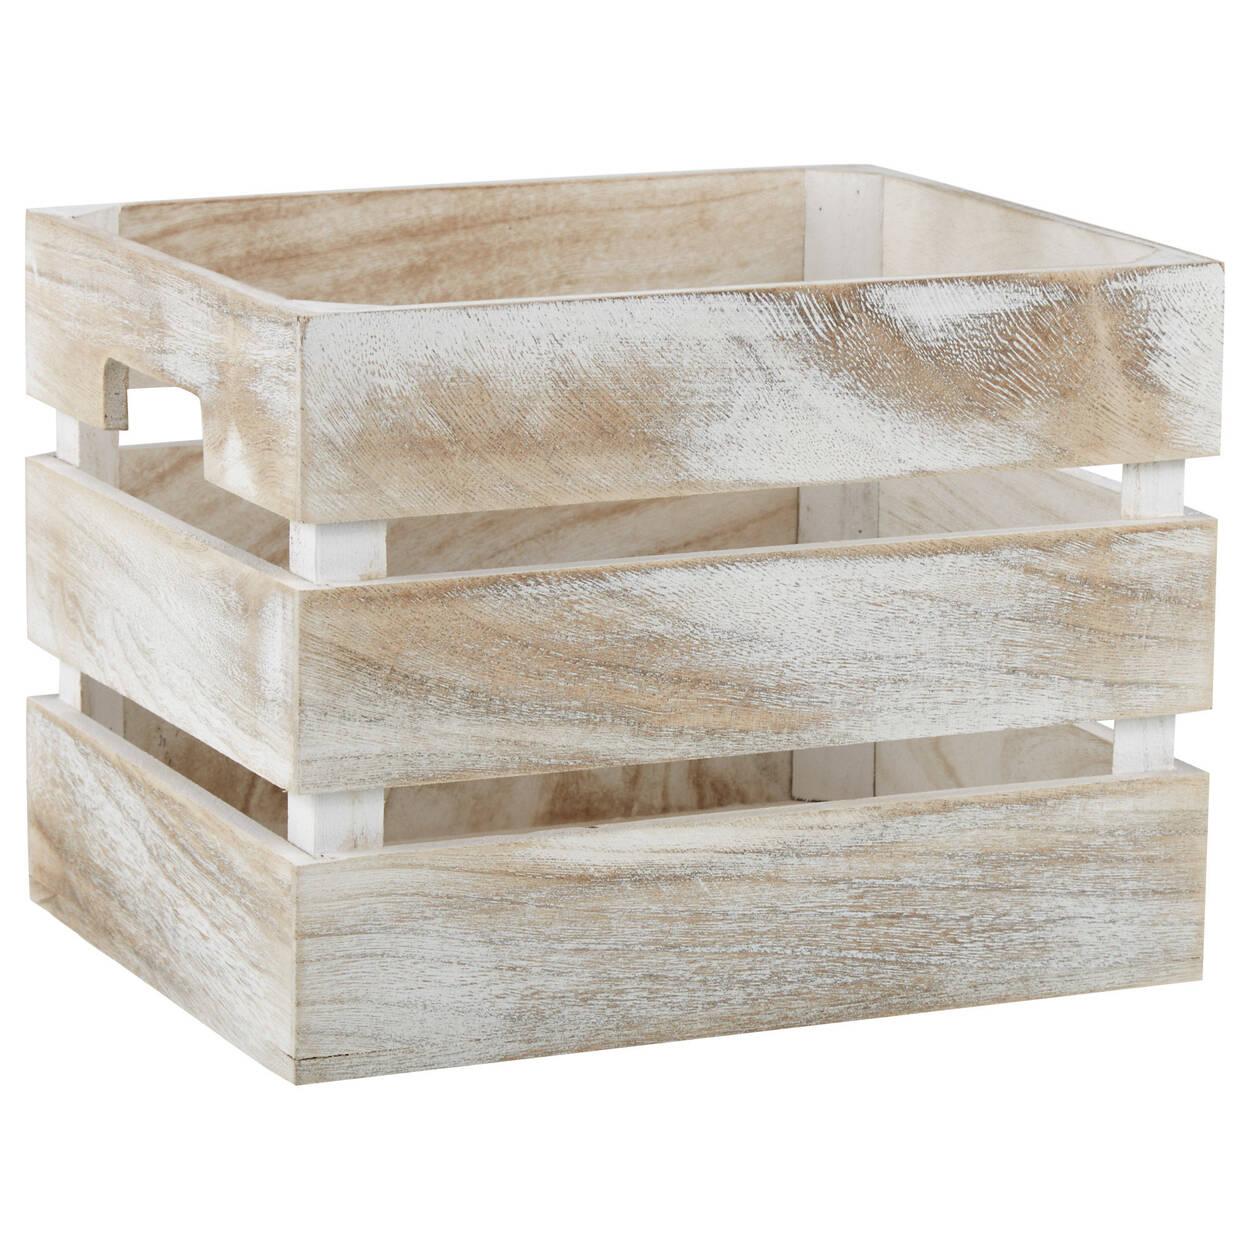 Petite Caisse En Bois : petite caisse en bois ~ Teatrodelosmanantiales.com Idées de Décoration